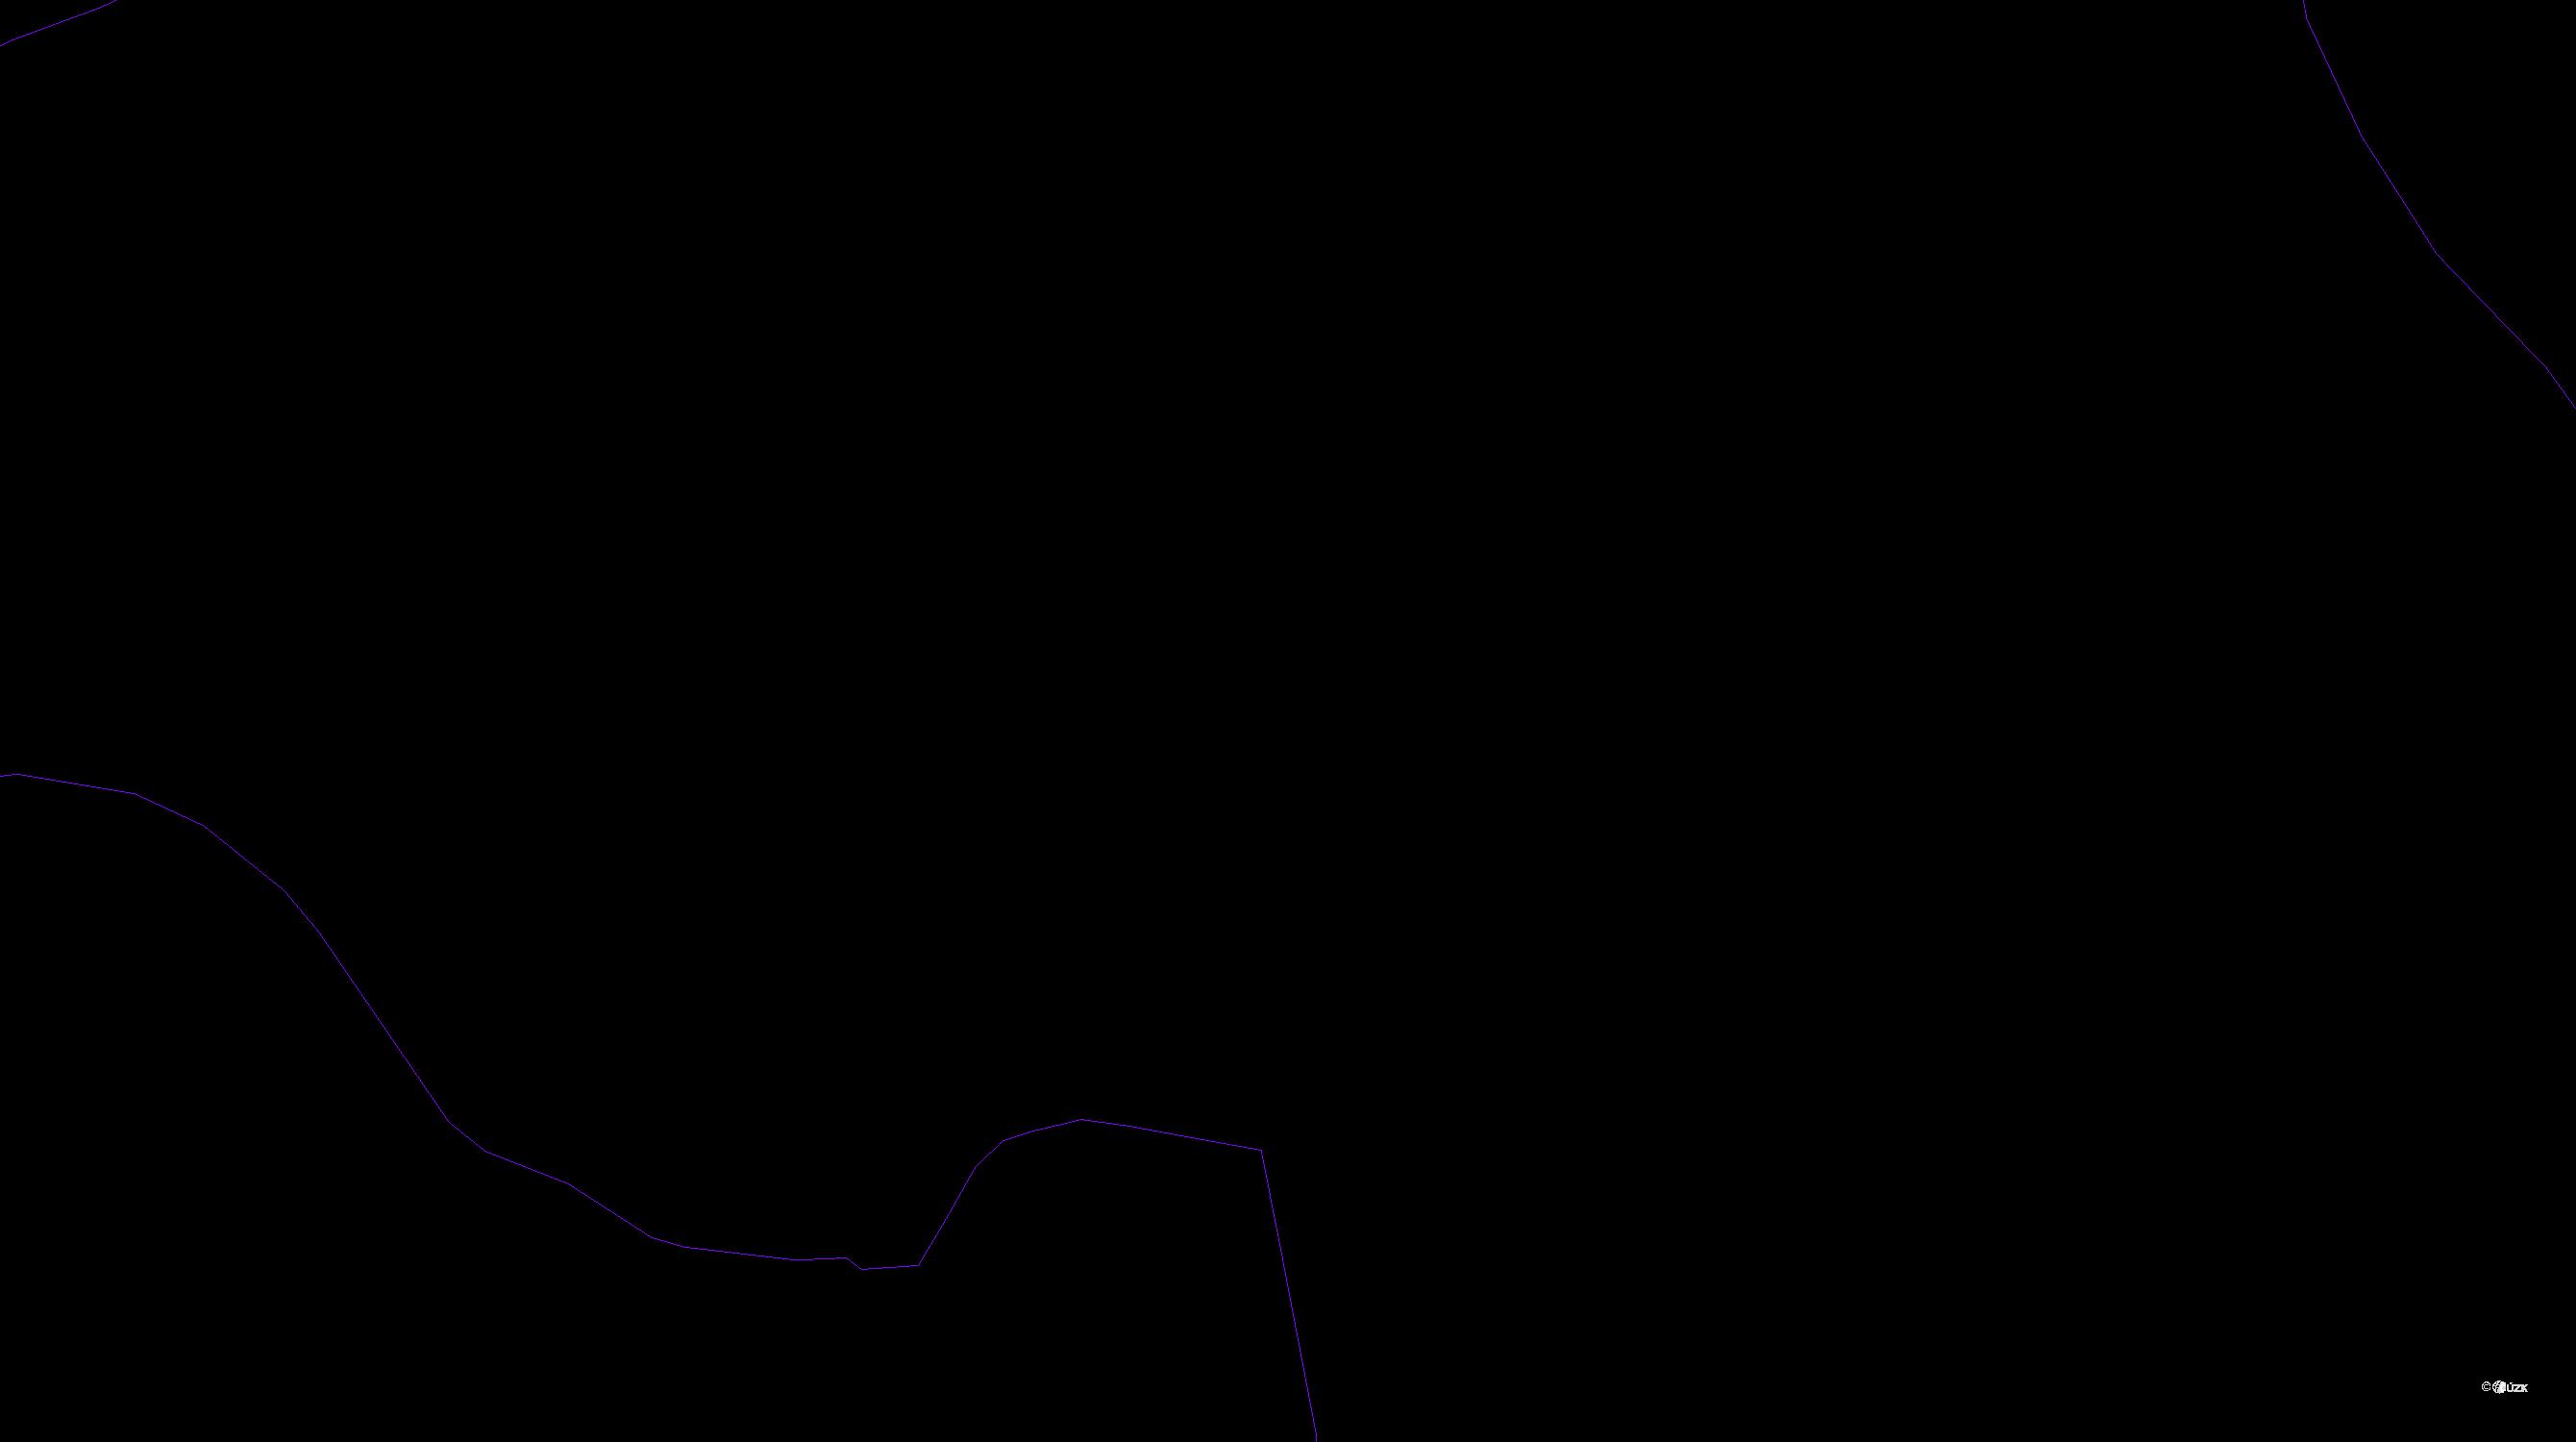 Katastrální mapa pozemků a čísla parcel Cihelny